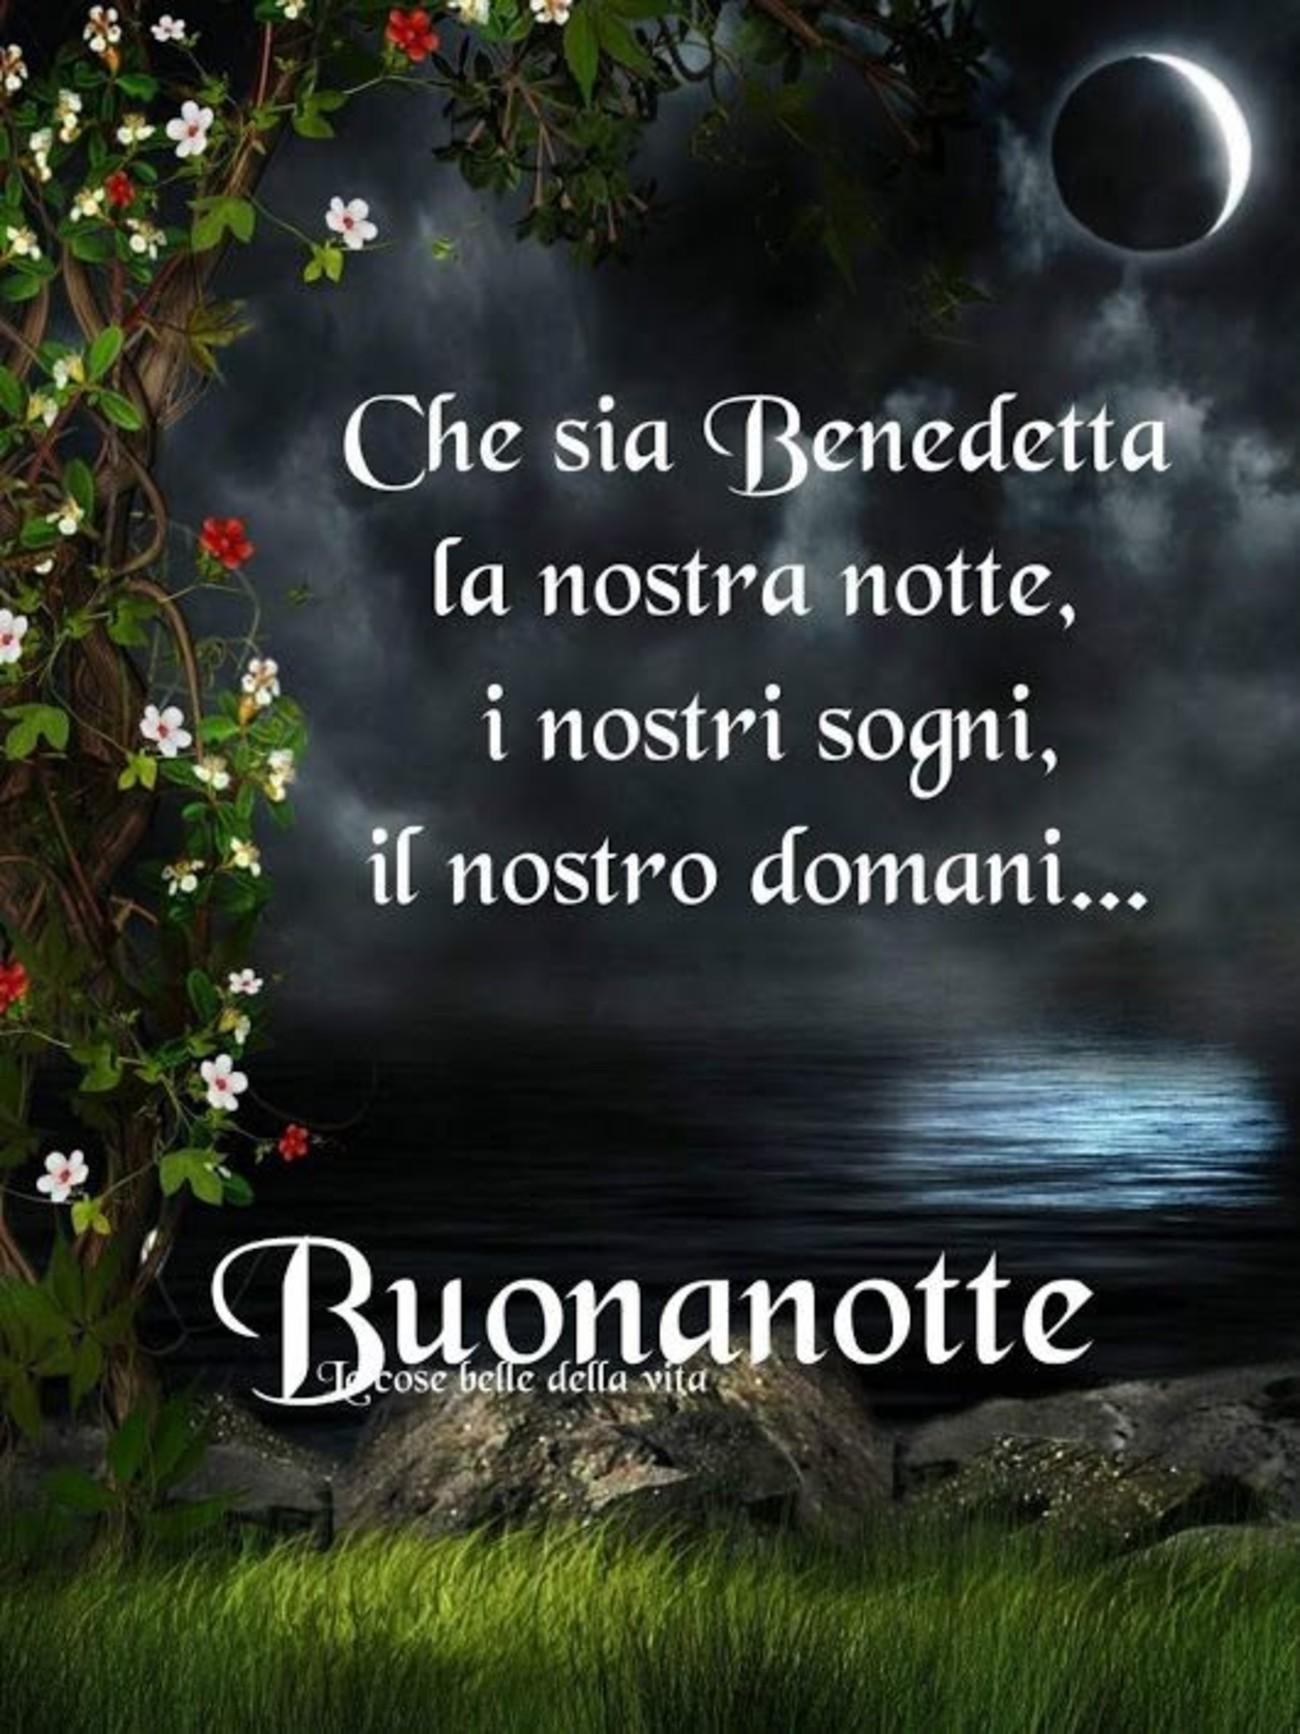 Buonanotte Belle Immagini Nuove 7 Buongiornoate It